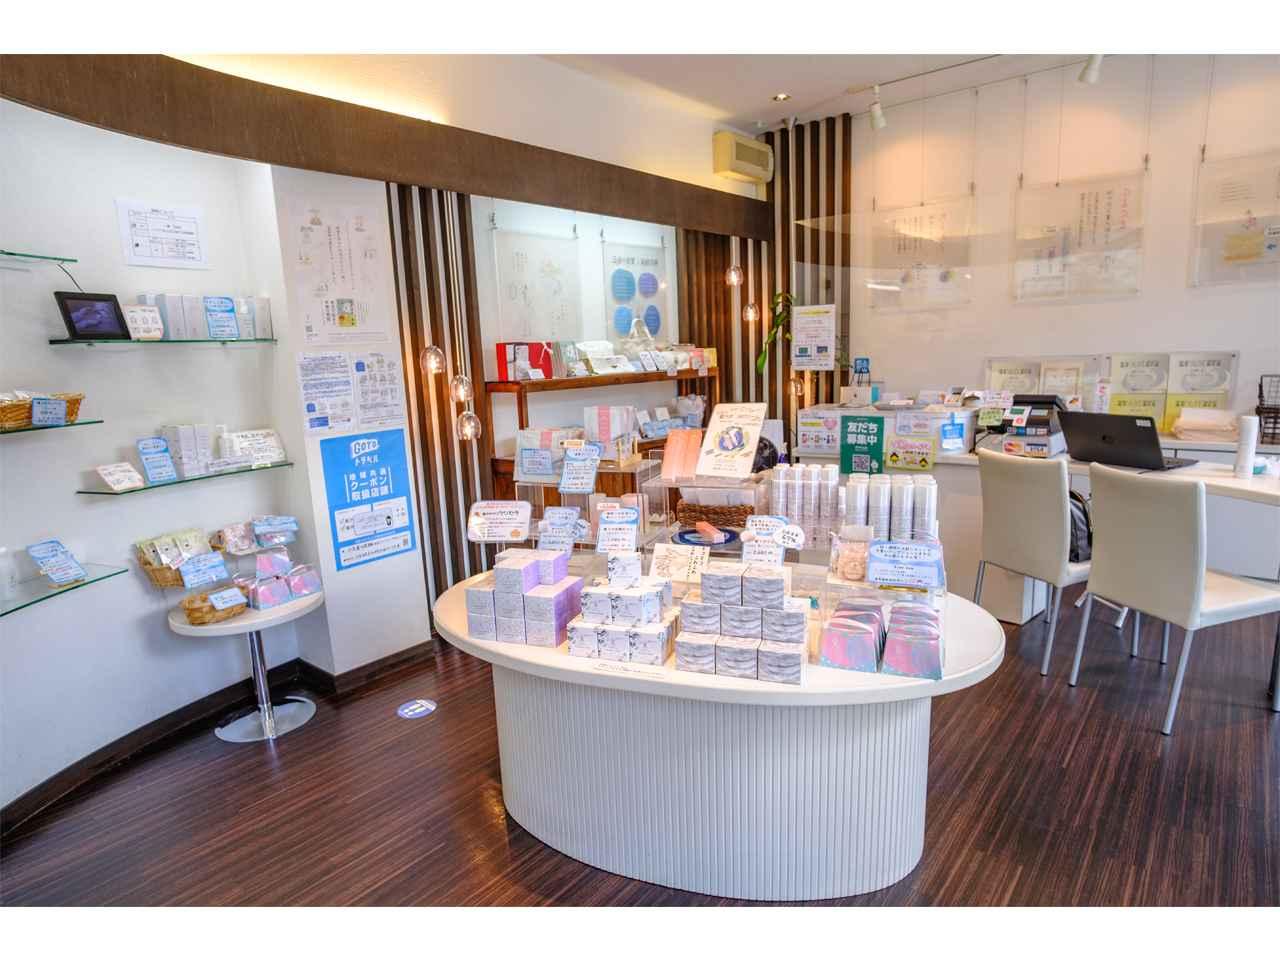 画像: 店内ではじっくりと商品の説明を聞きながらお買い物ができます。